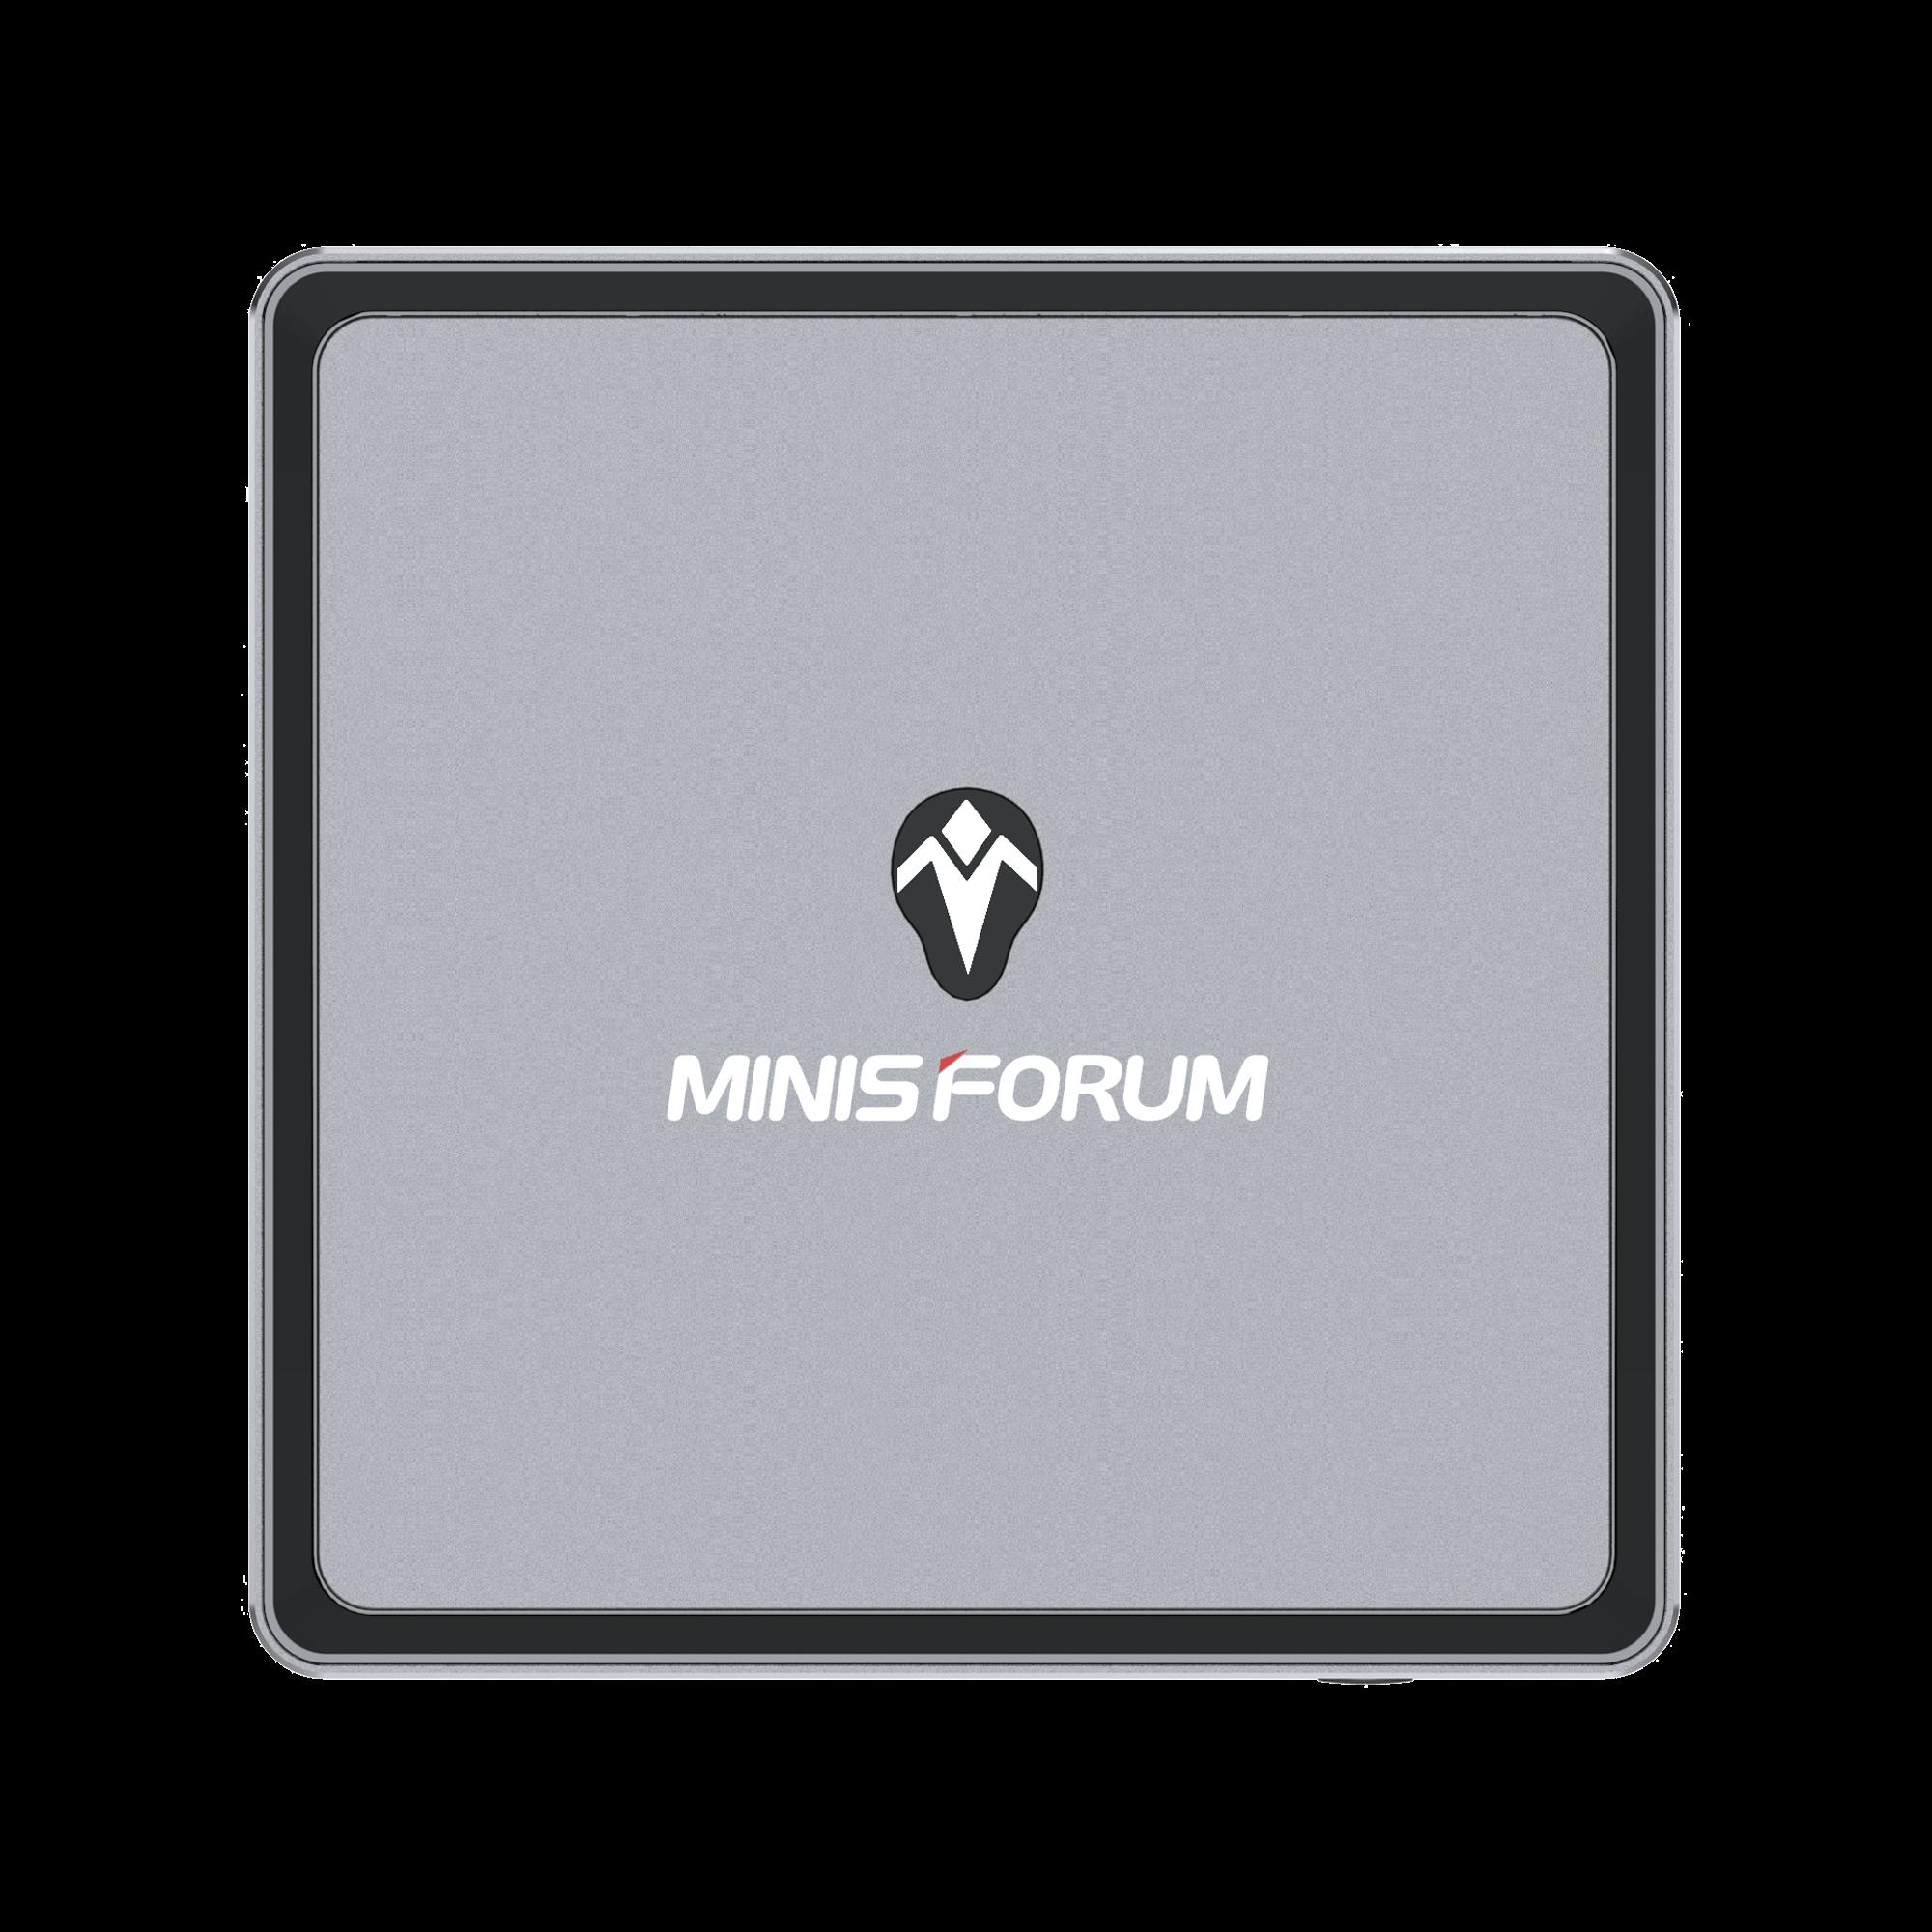 MinisForum EliteMini UM700 - Showing from the top with MINIS FORUM Logo